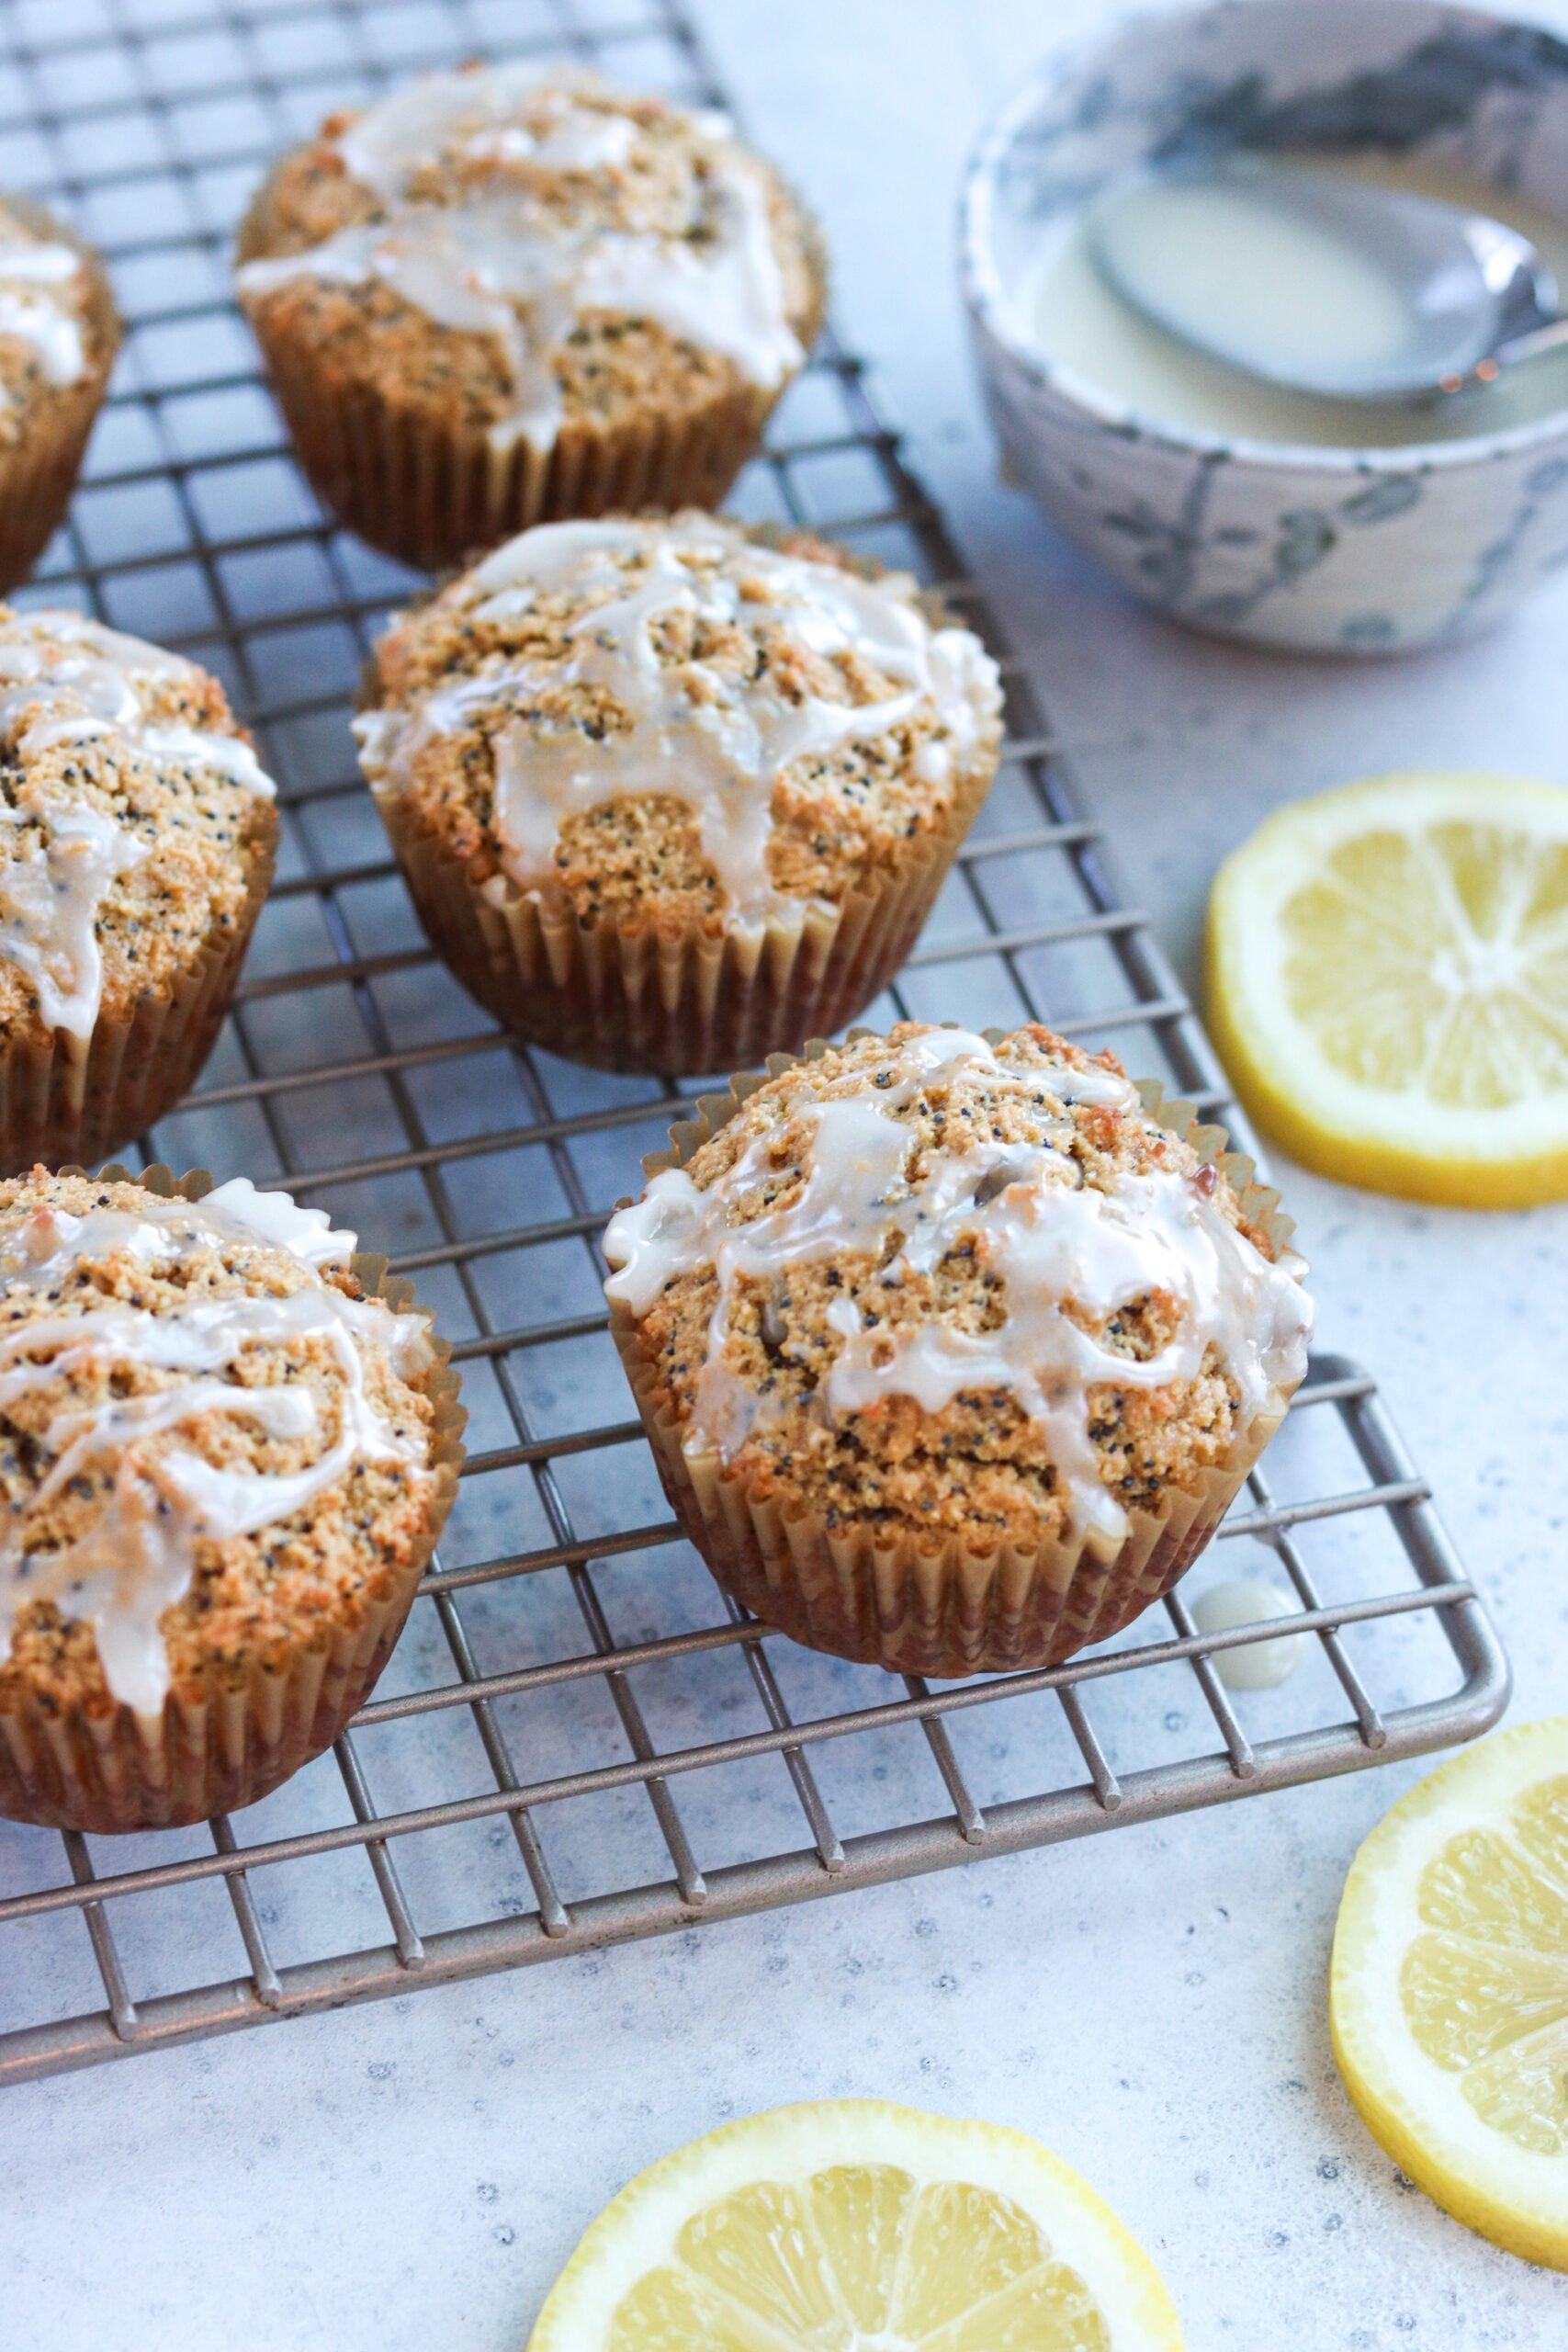 Paleo Lemon Poppyseed Muffins  on a tray